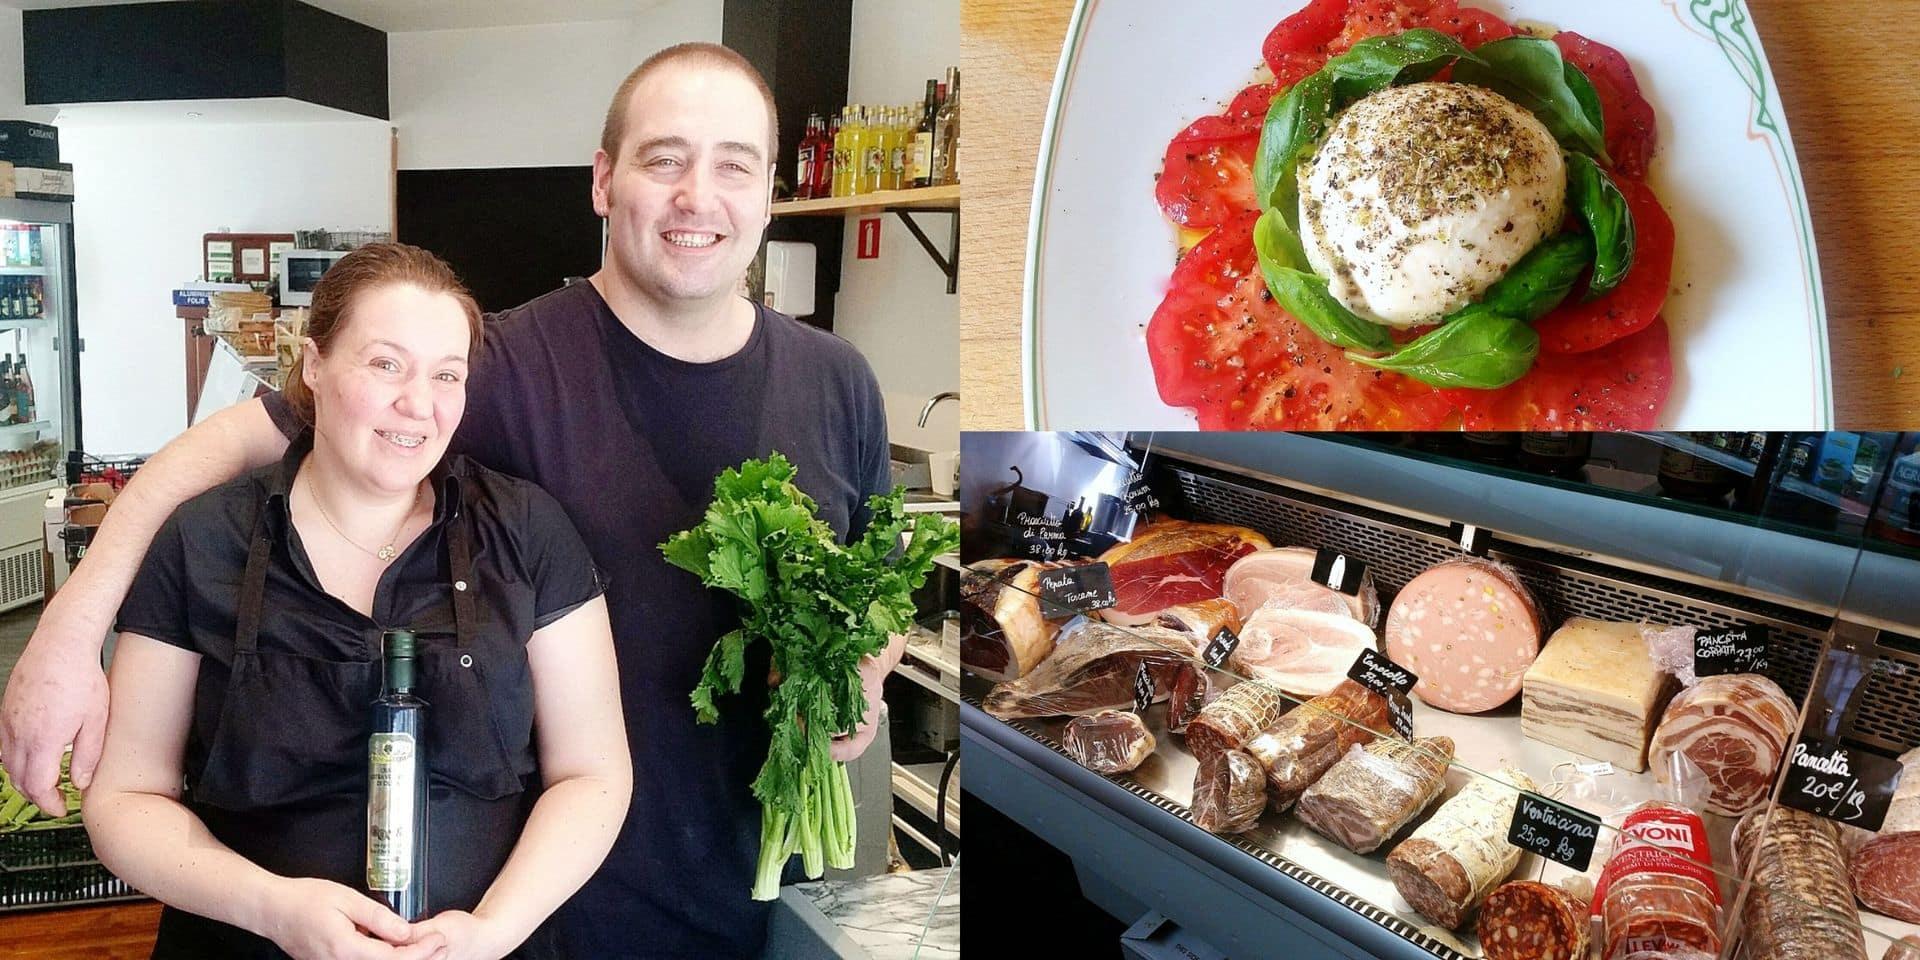 Avec Monticelli&Co, les Bruxellois sont confinés dans la gourmandise à l'italienne